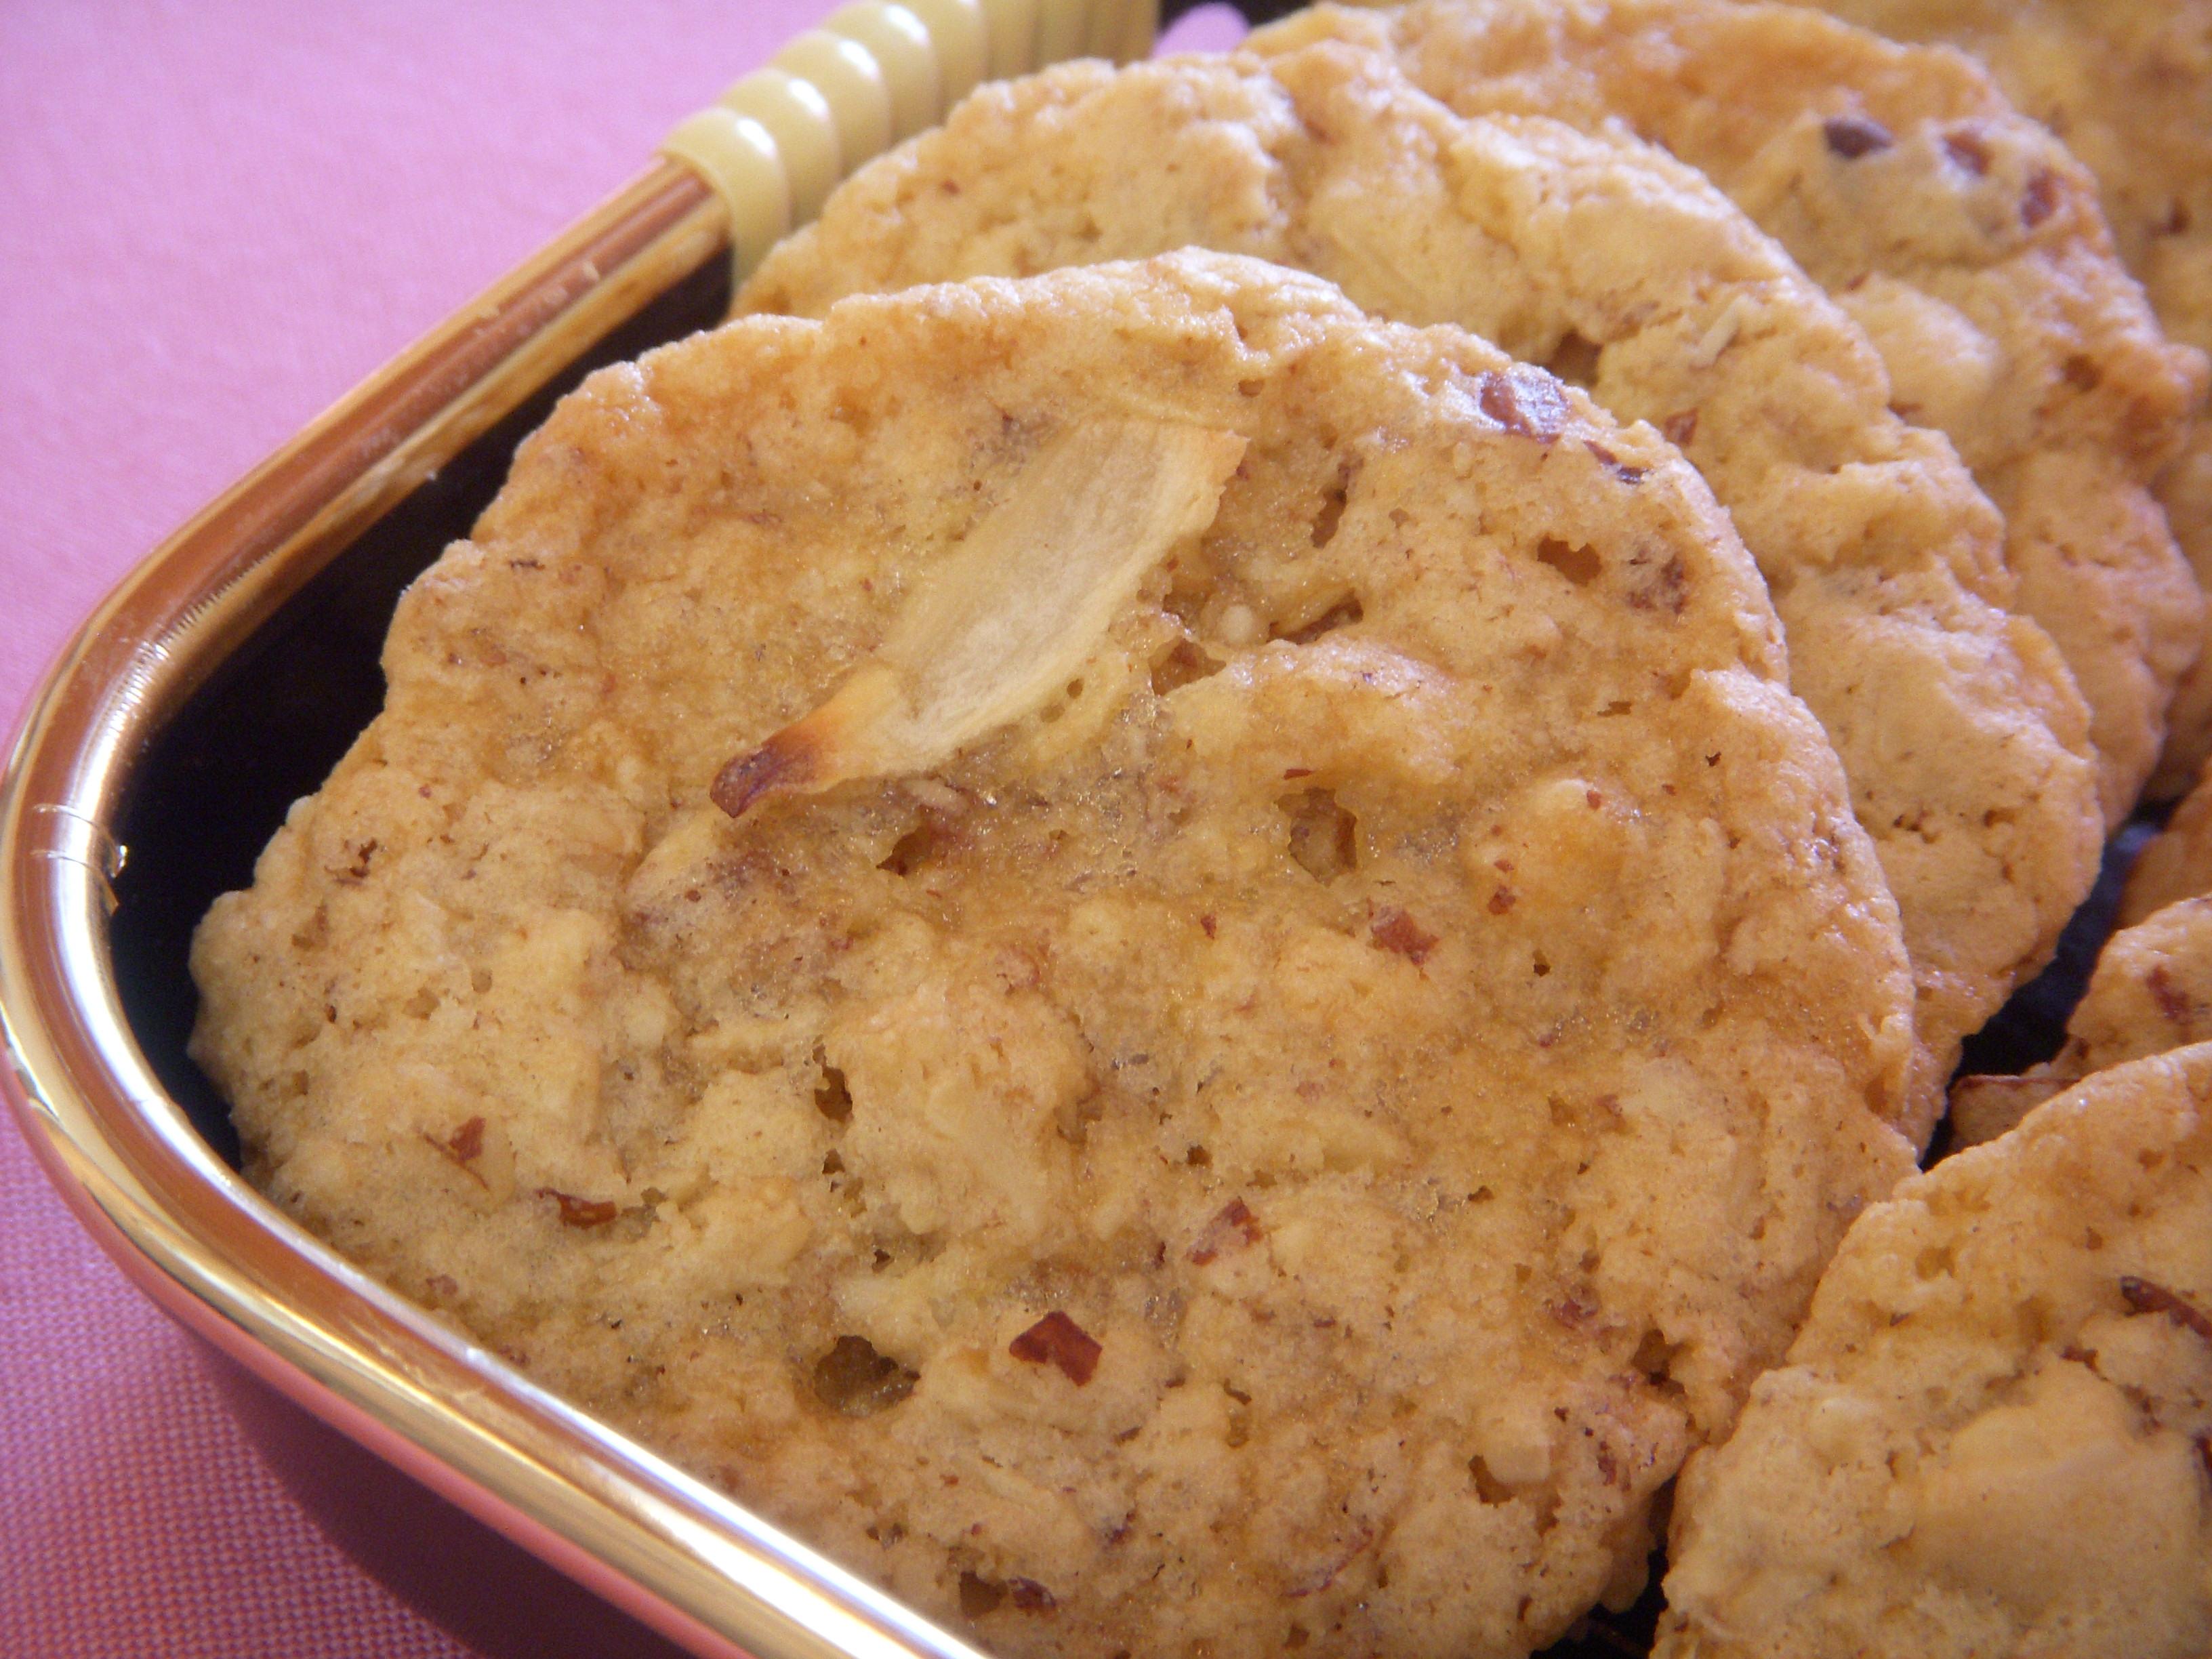 GarlicCookiecloseup2